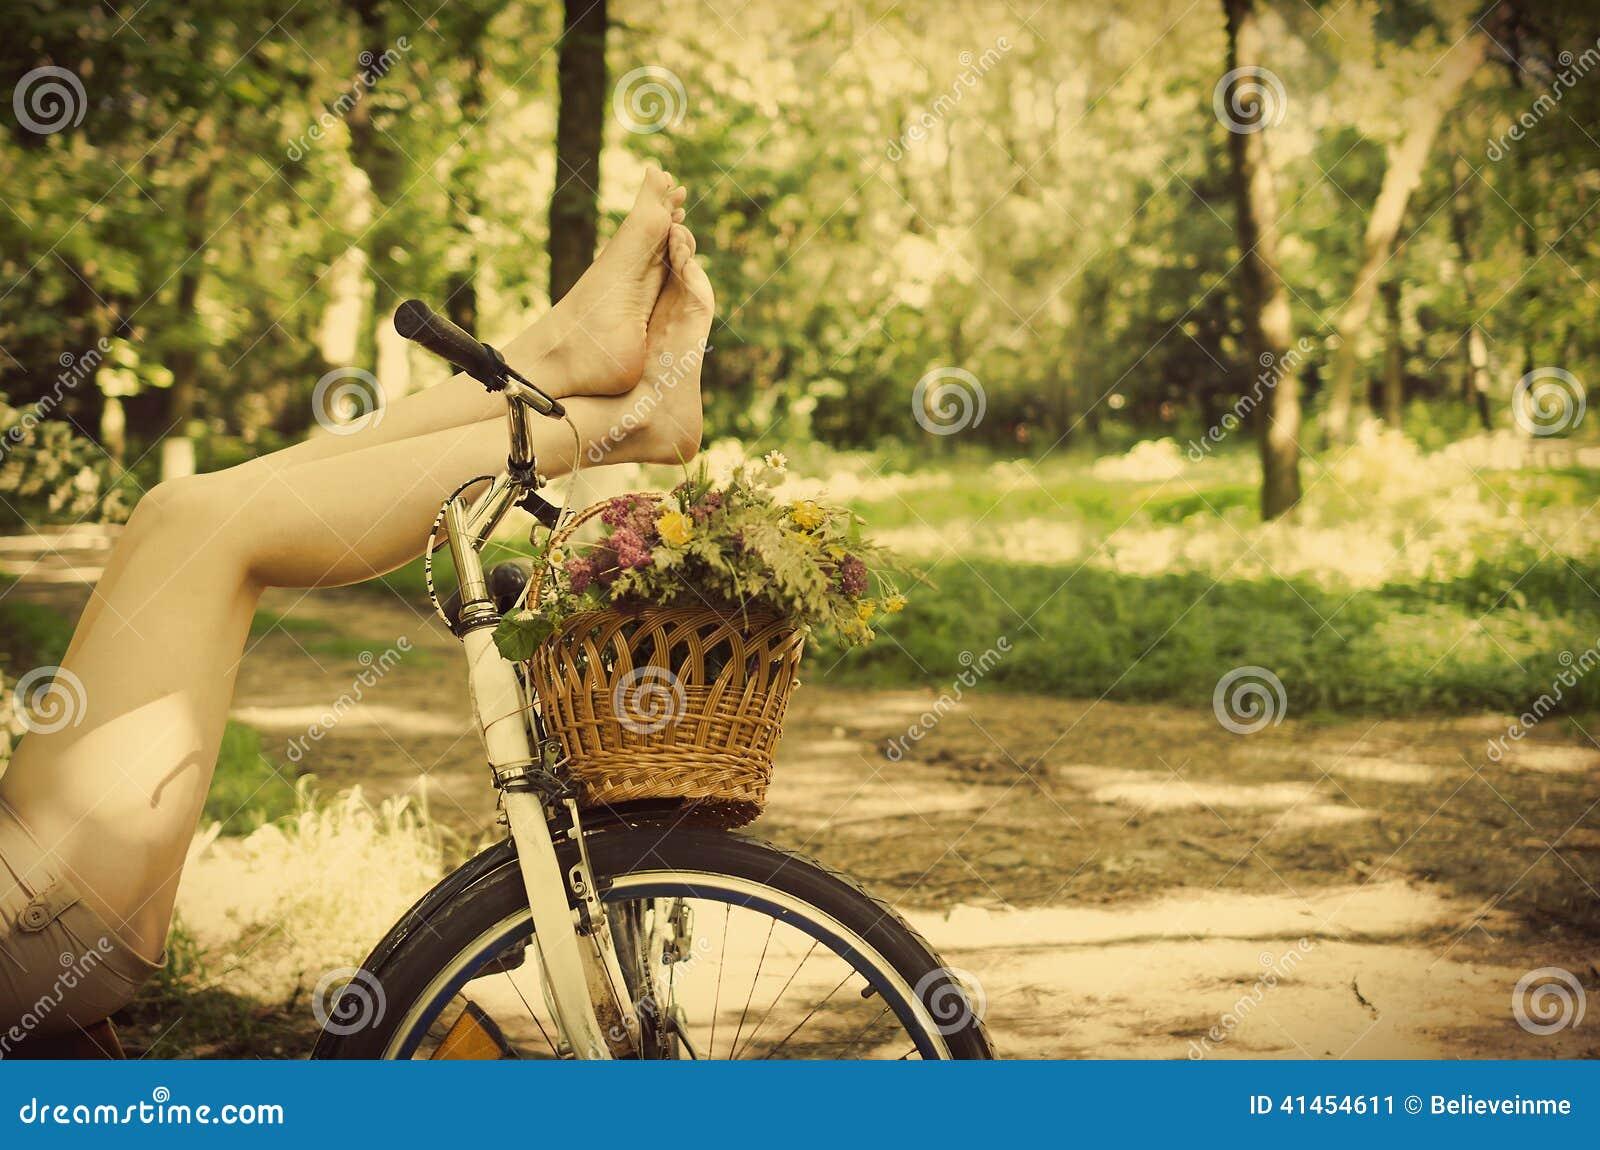 Andando de bike com legging transparente - 1 4